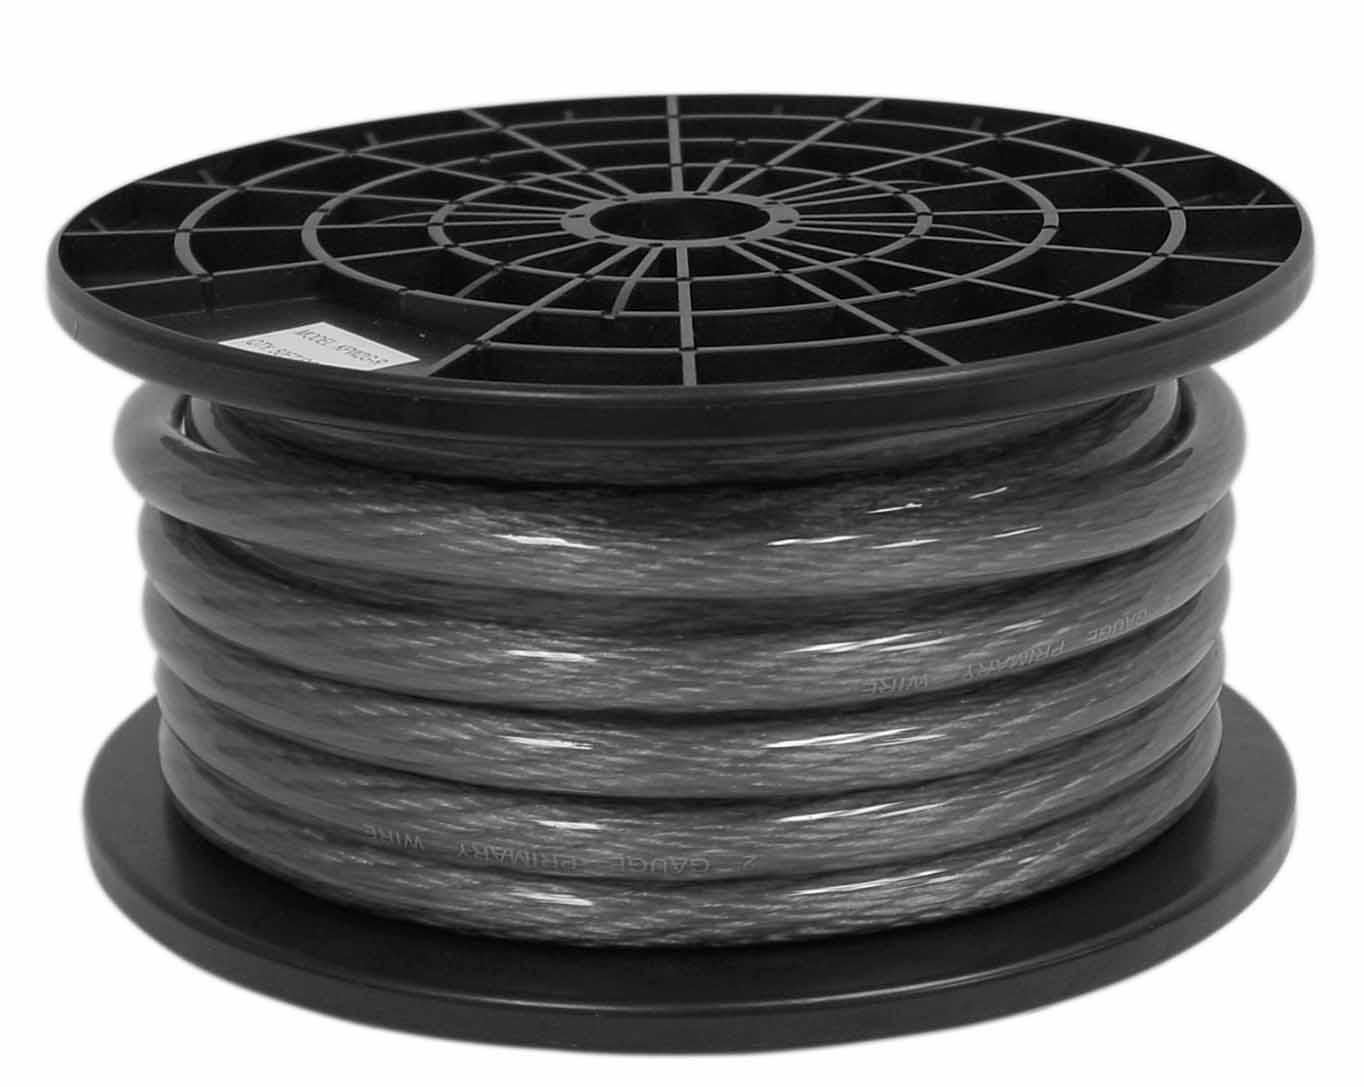 KPW2G-B - Kalibur 2 Gauge Power Wire (Black) 50' Roll